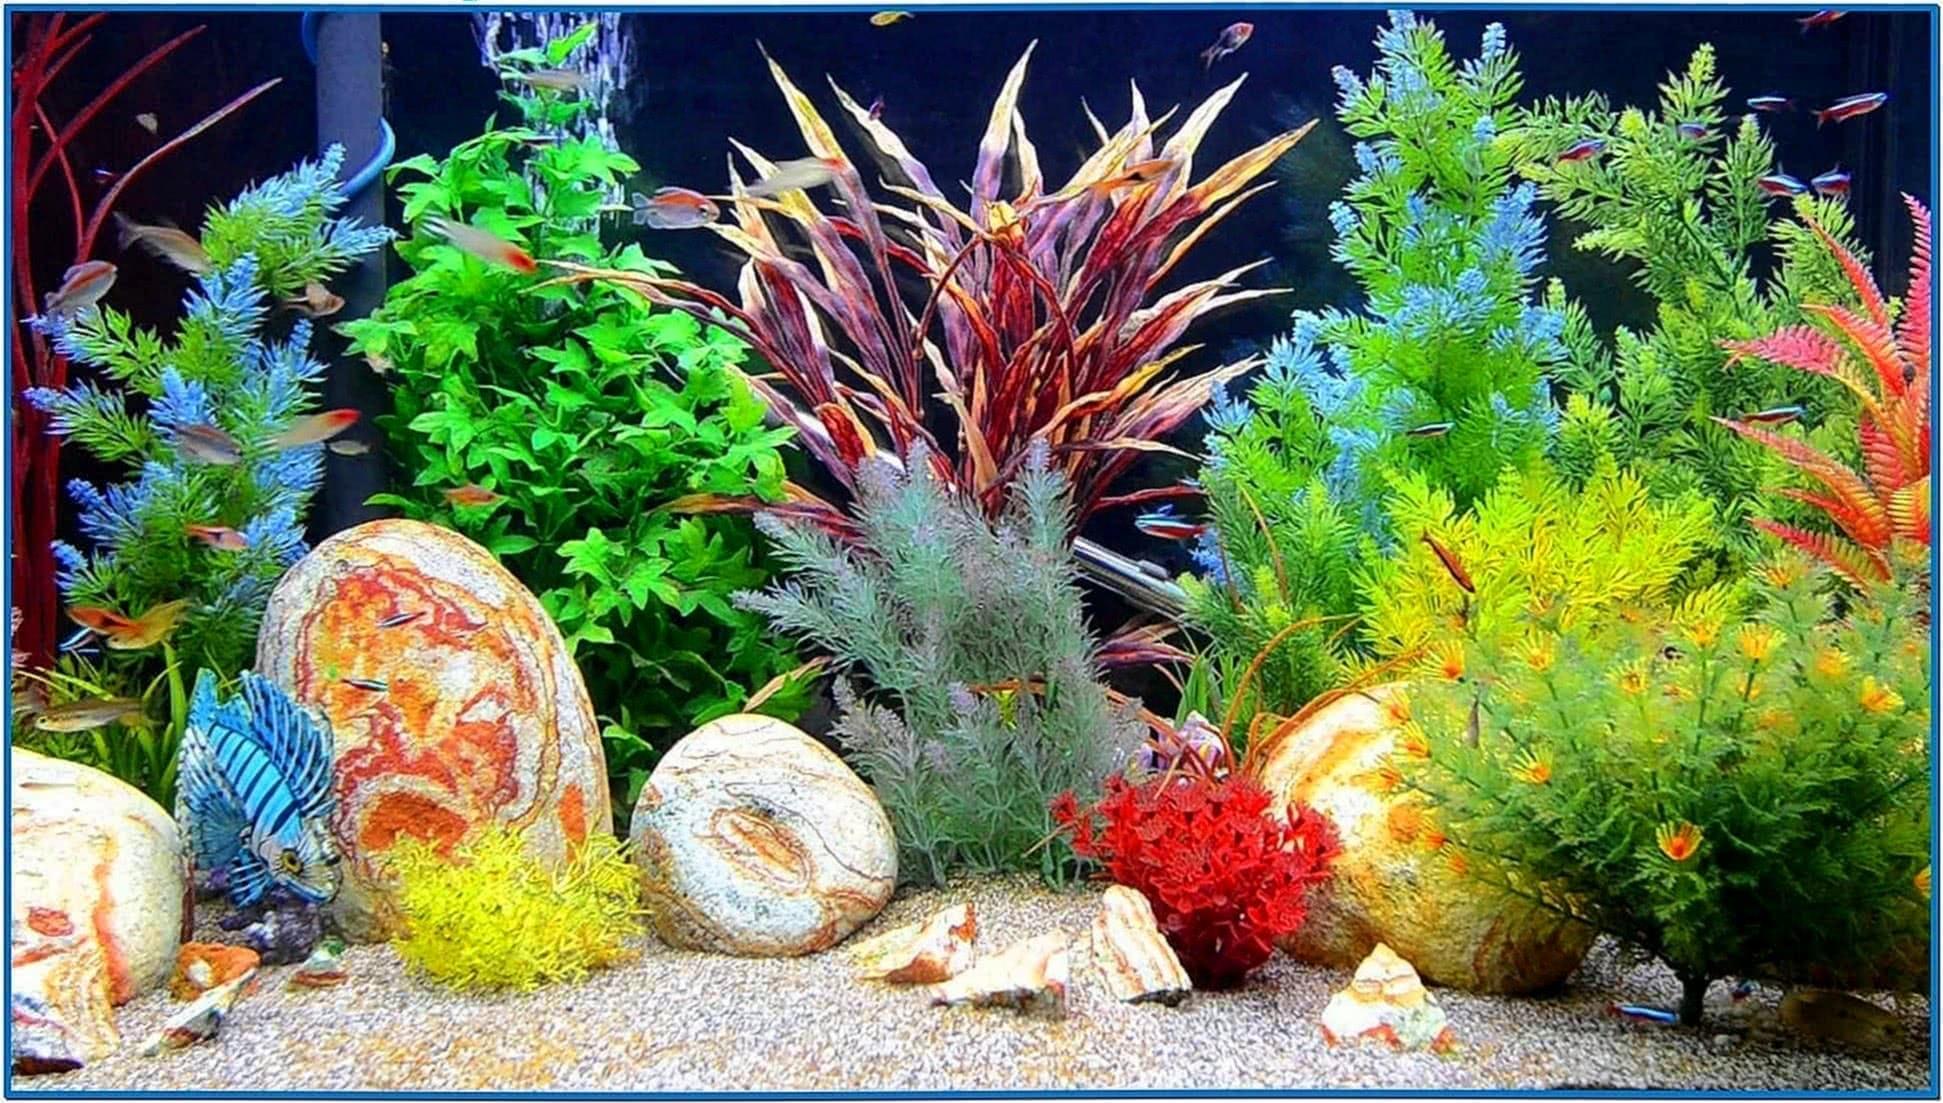 HD Aquarium Screensaver for TV